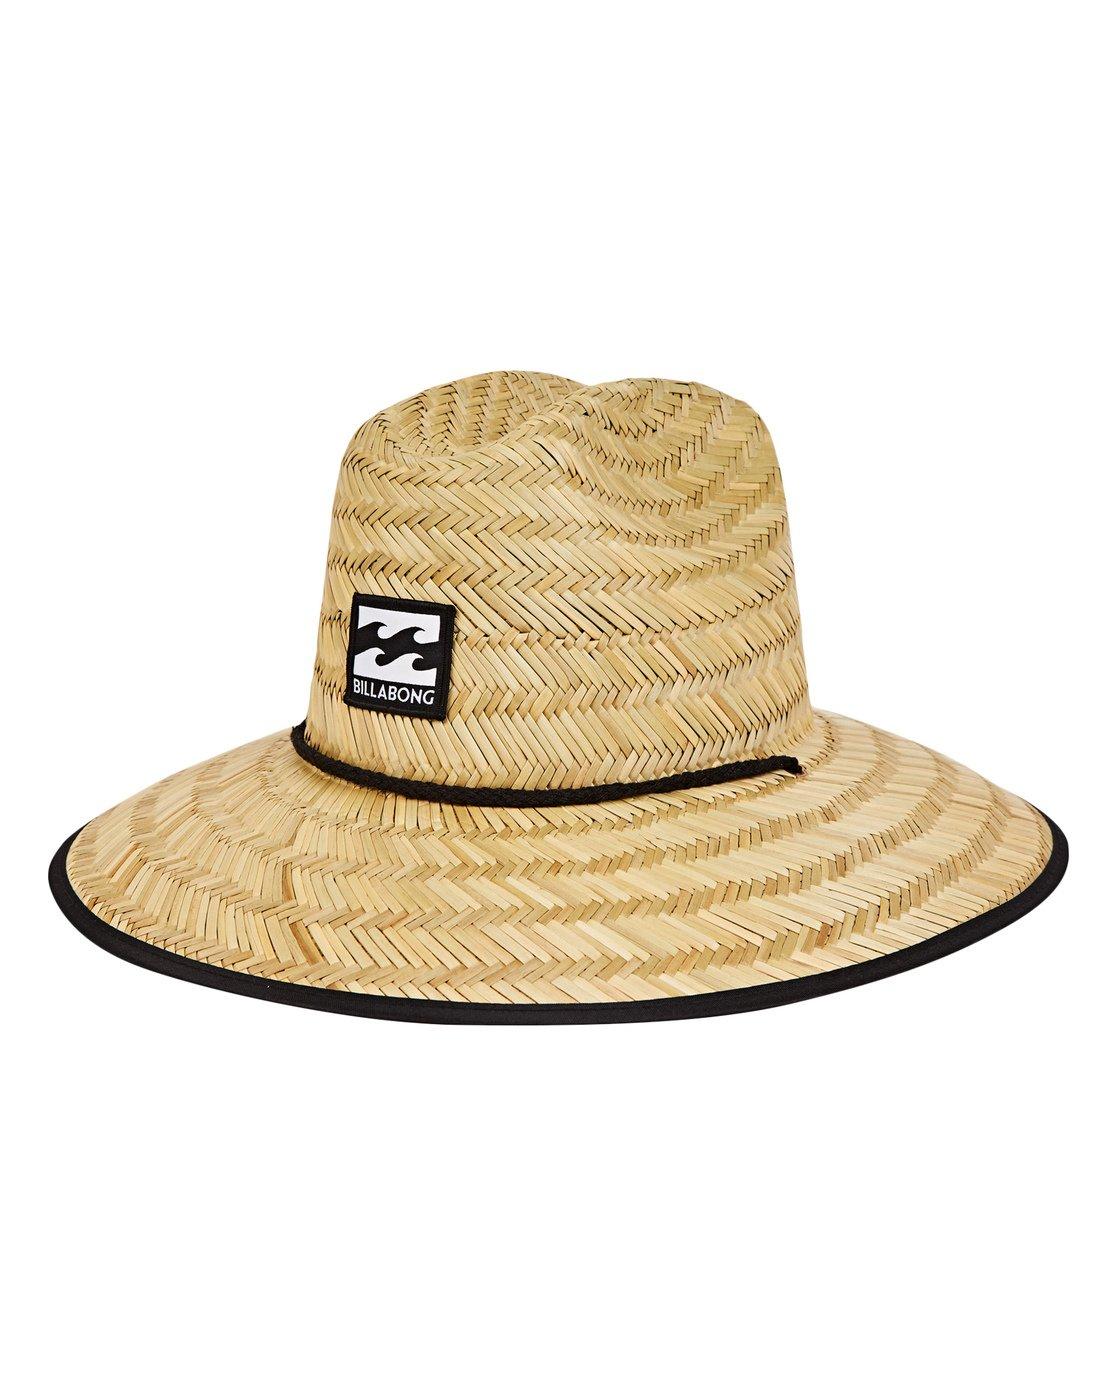 7908a04cbb57ff 0 Boys' Tides Straw Hat BAHWNBTI Billabong